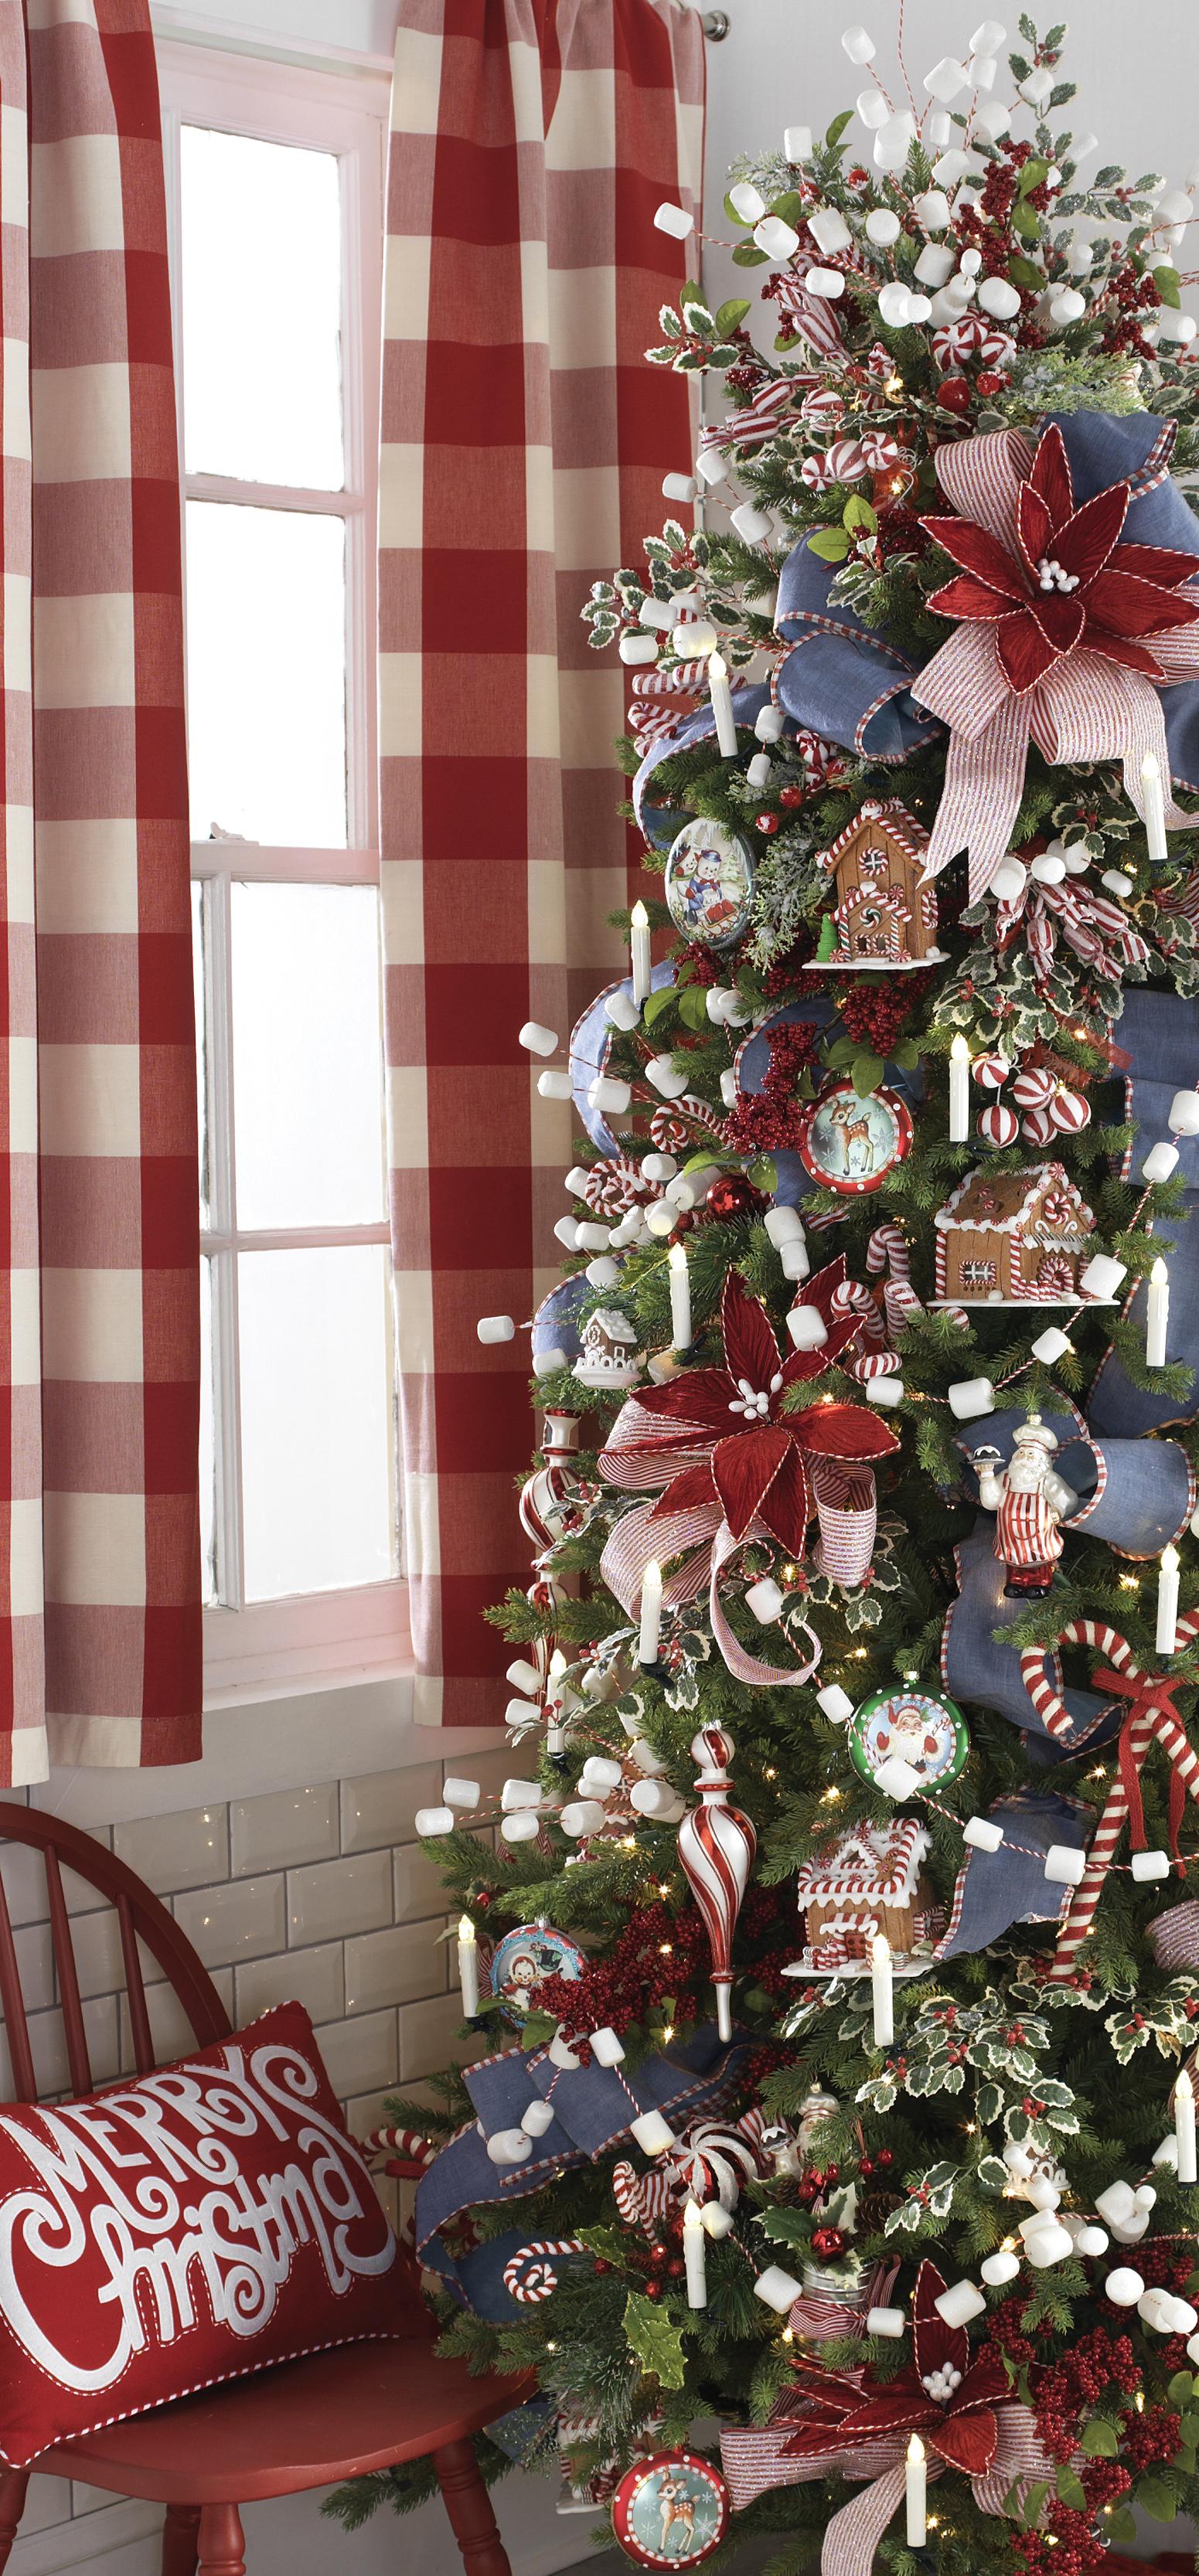 Unique Christmas Decorations Christmas Shop Christmas Ornaments